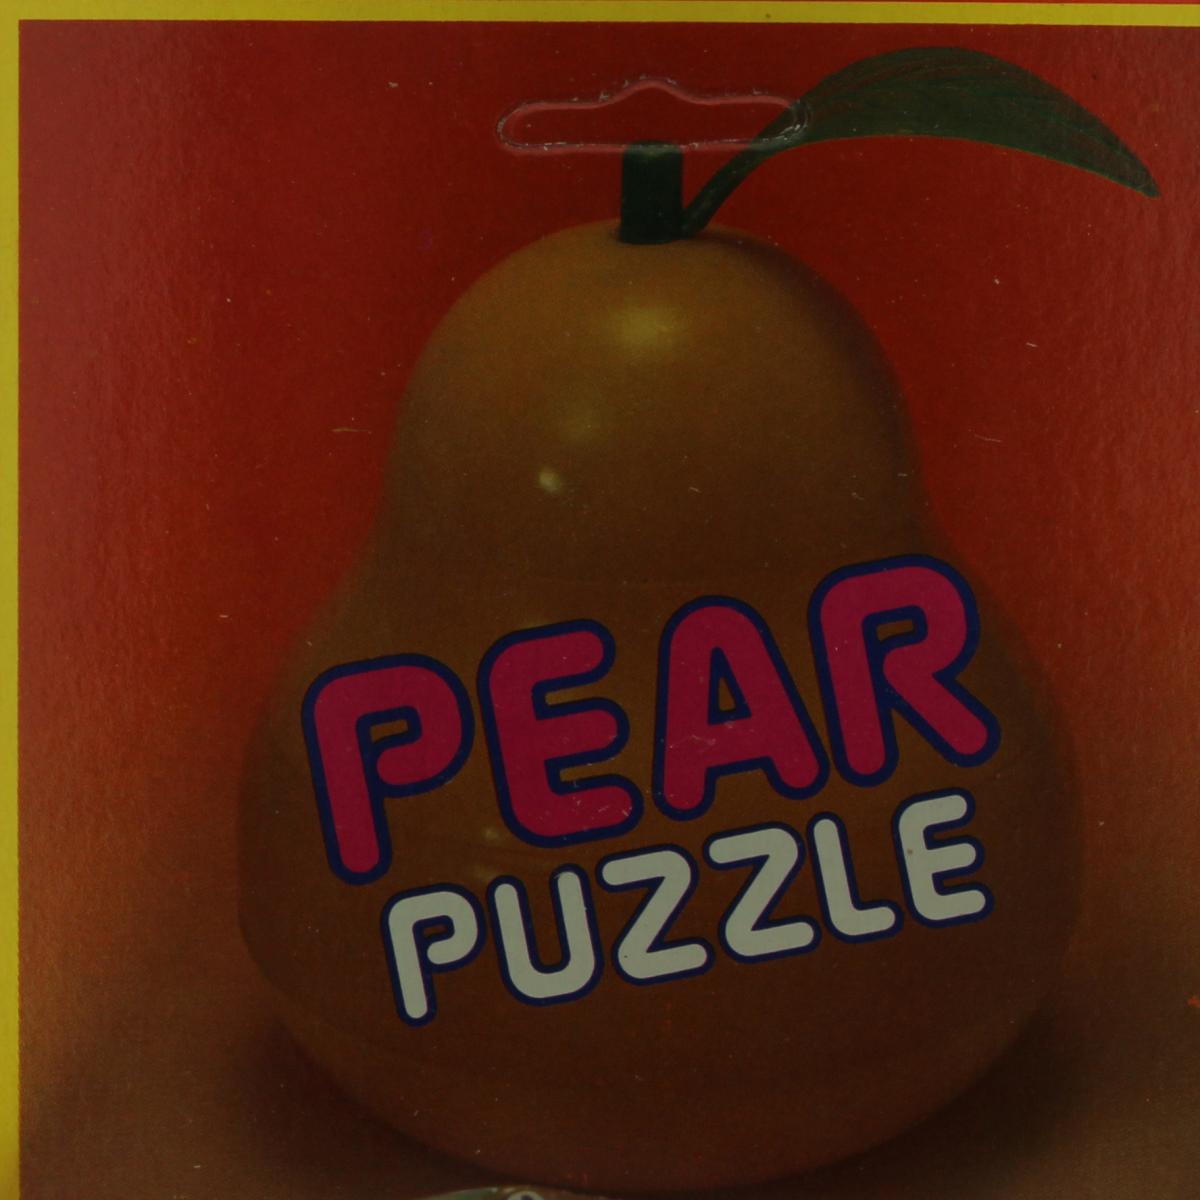 Afbeeldingen van Pear Puzzle. Speelgoed puzzel. Desco Toys